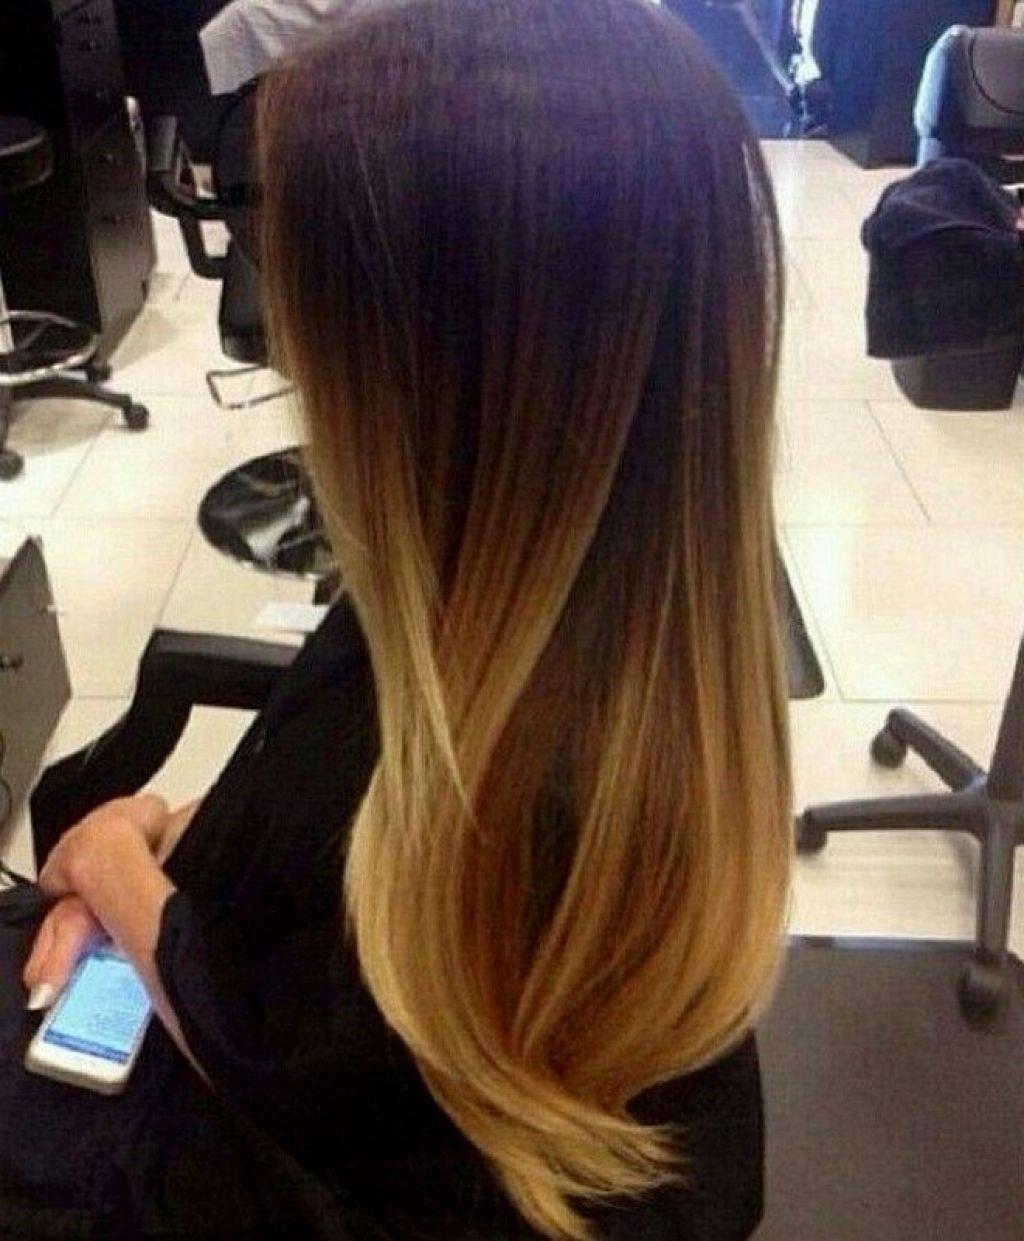 Окрашивание омбре: переход волос от темного к светлому 47